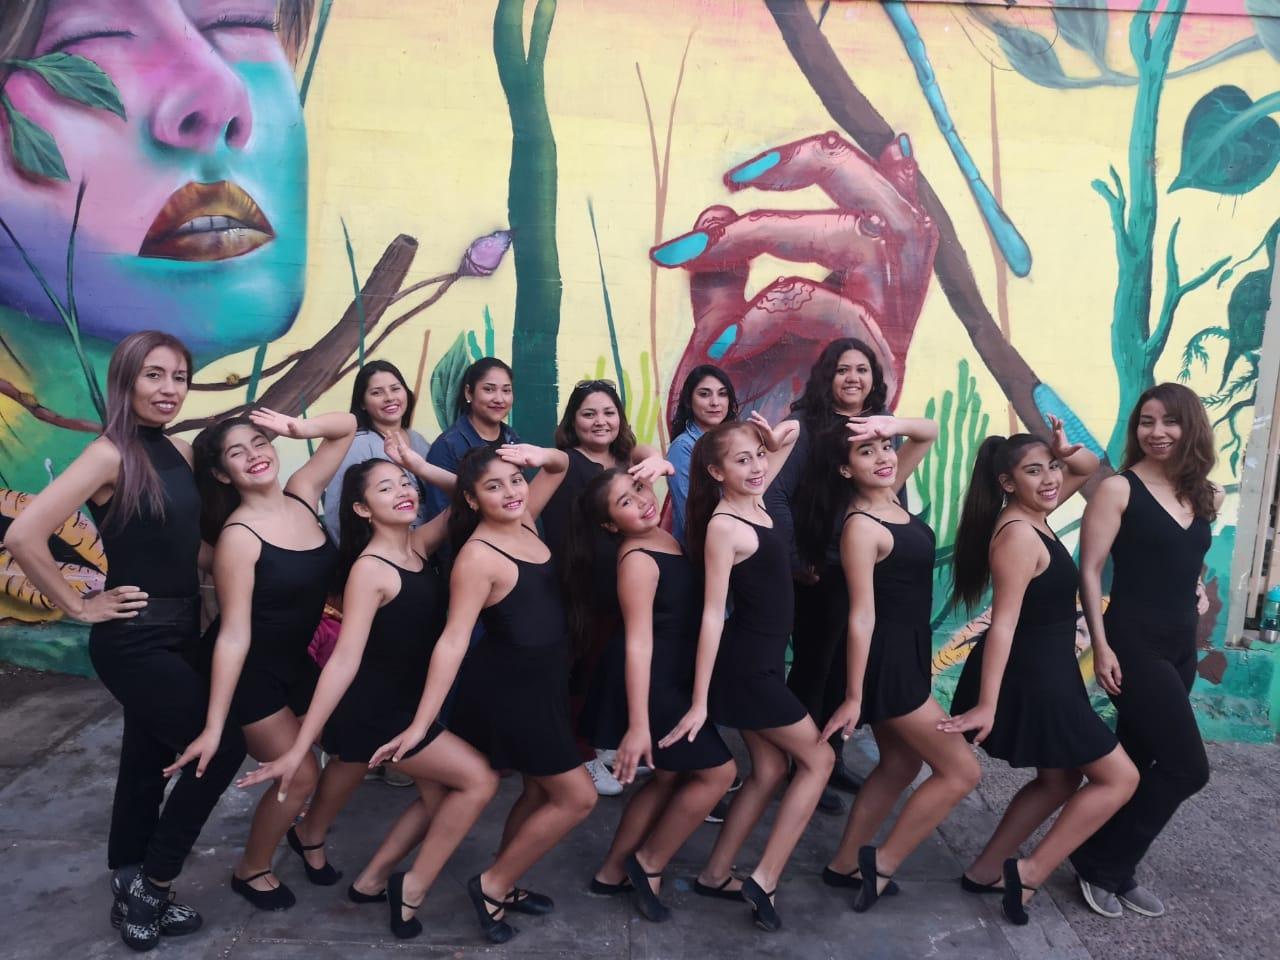 Bailarinas de Vallenar competirán en All Dance World